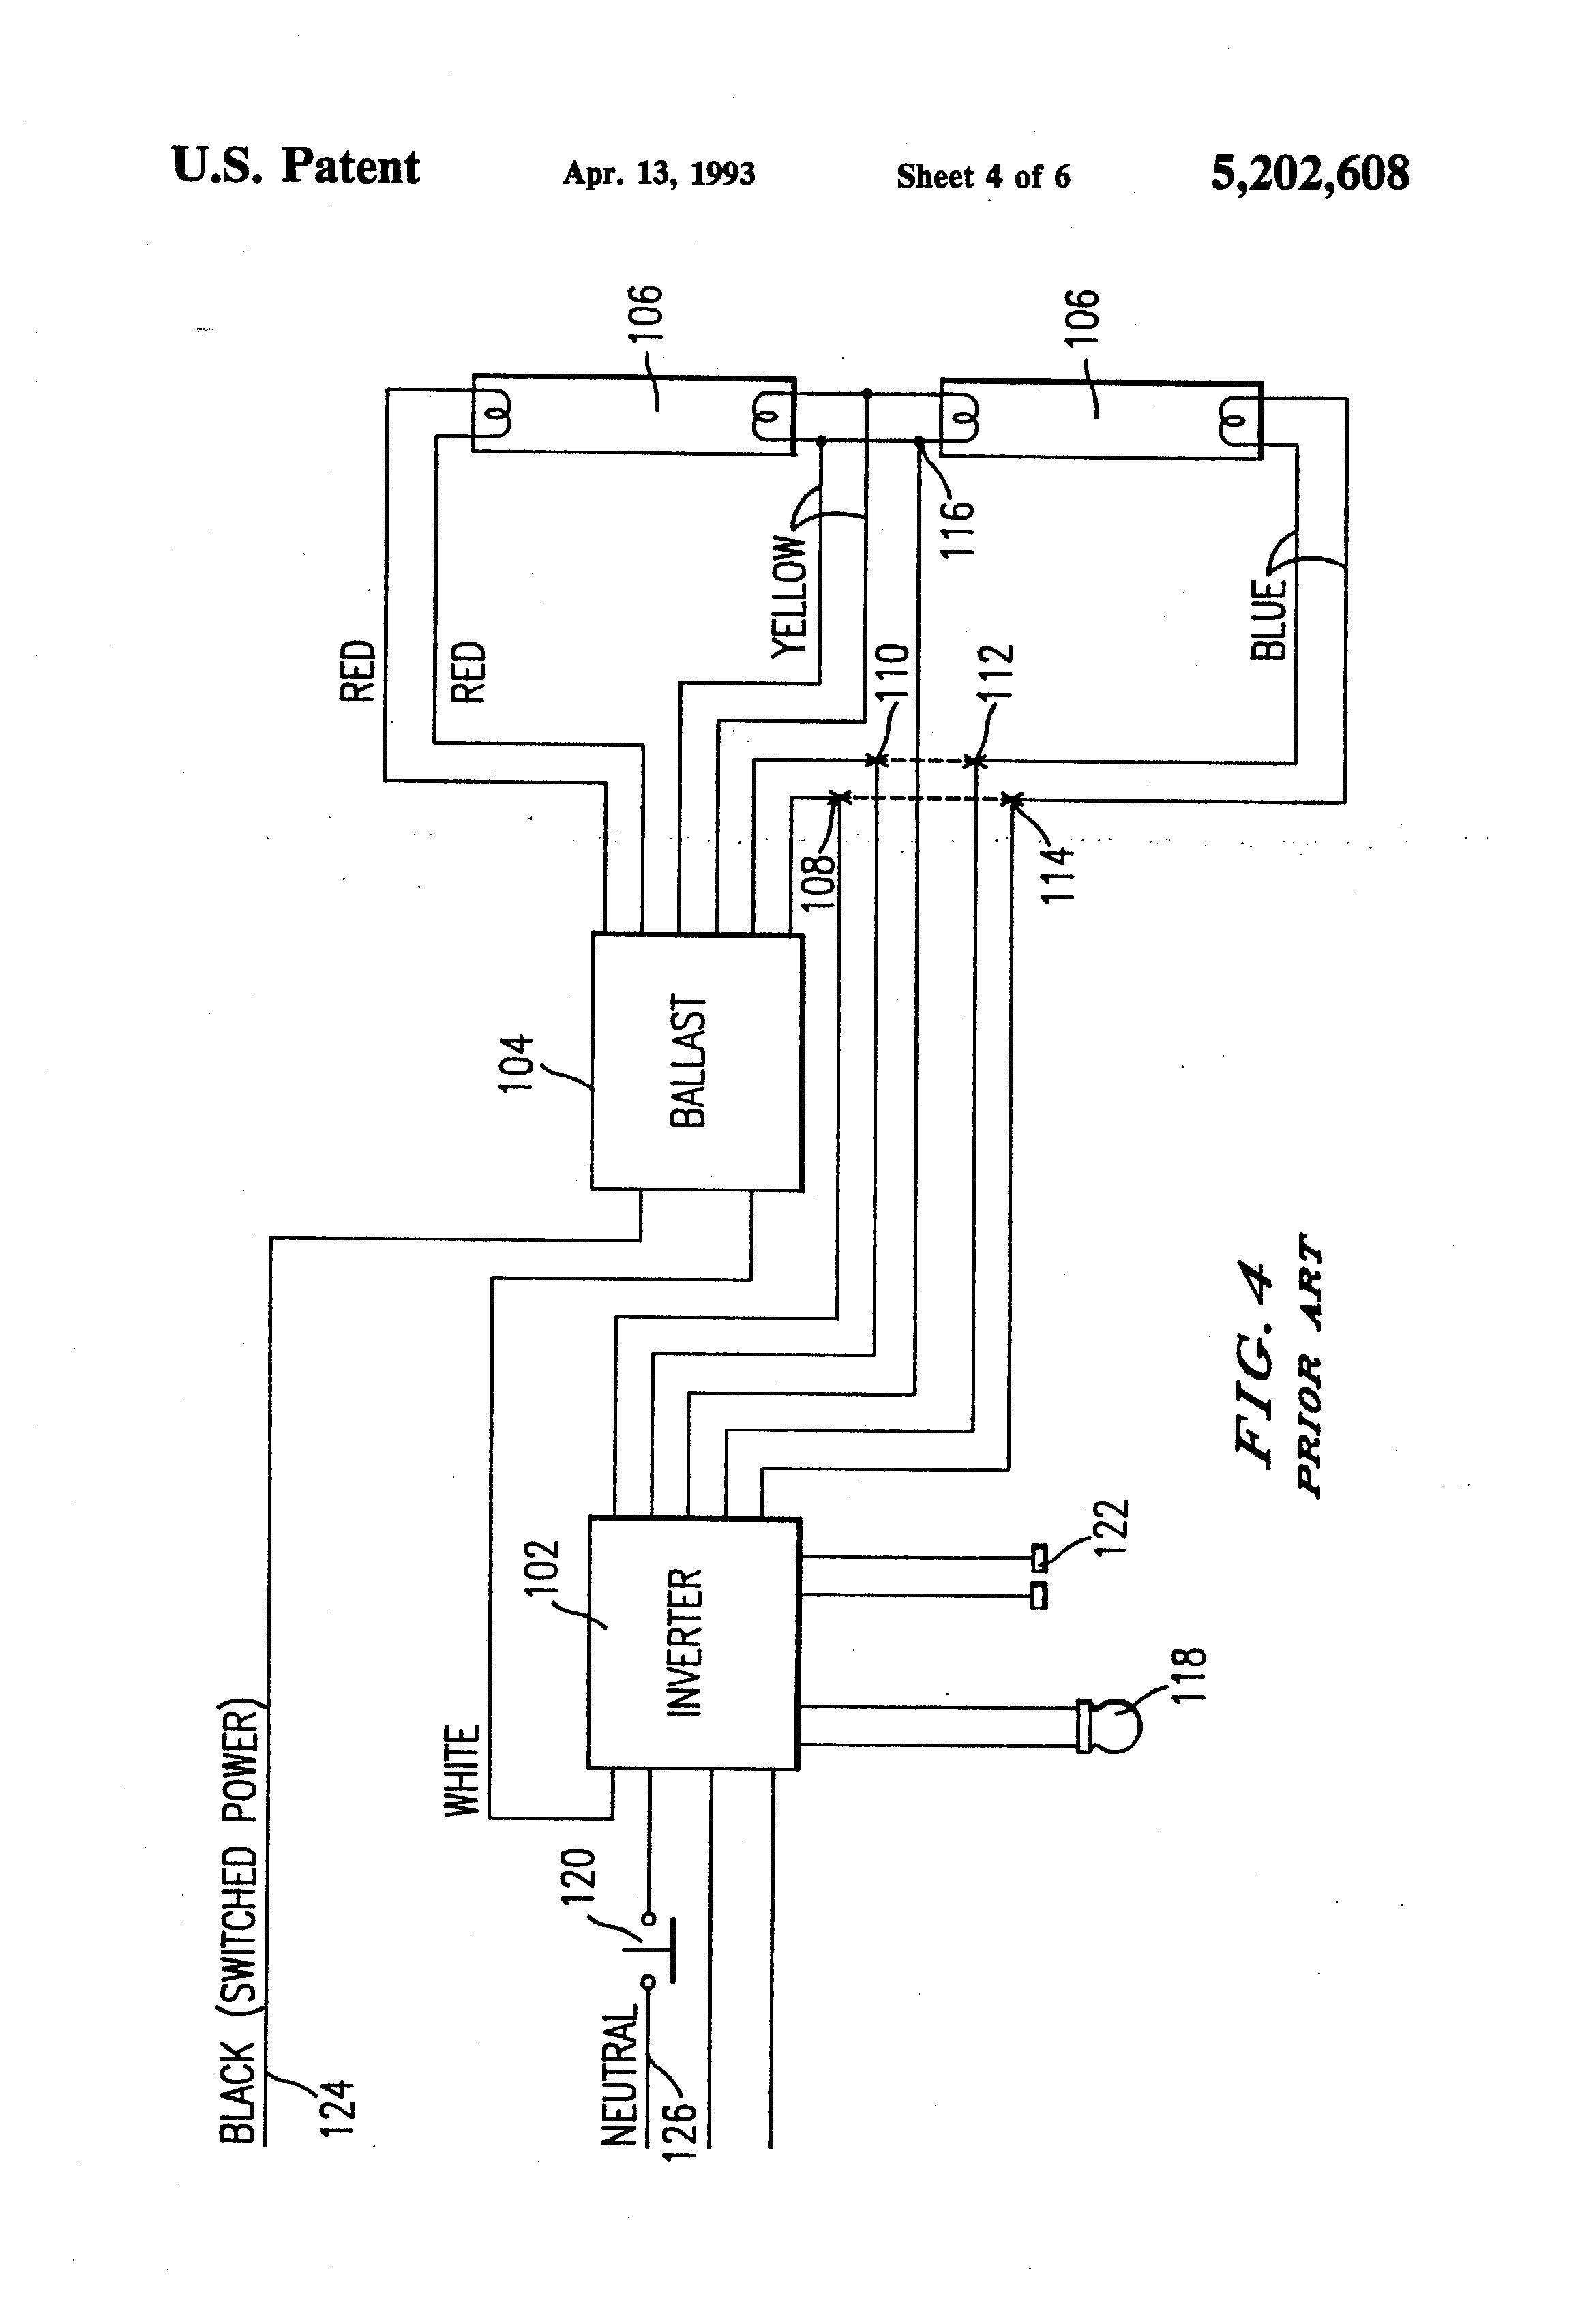 Metal Halide Wiring Diagram -2010 International Maxxforce Fuse Box Diagram  | Begeboy Wiring Diagram SourceBegeboy Wiring Diagram Source